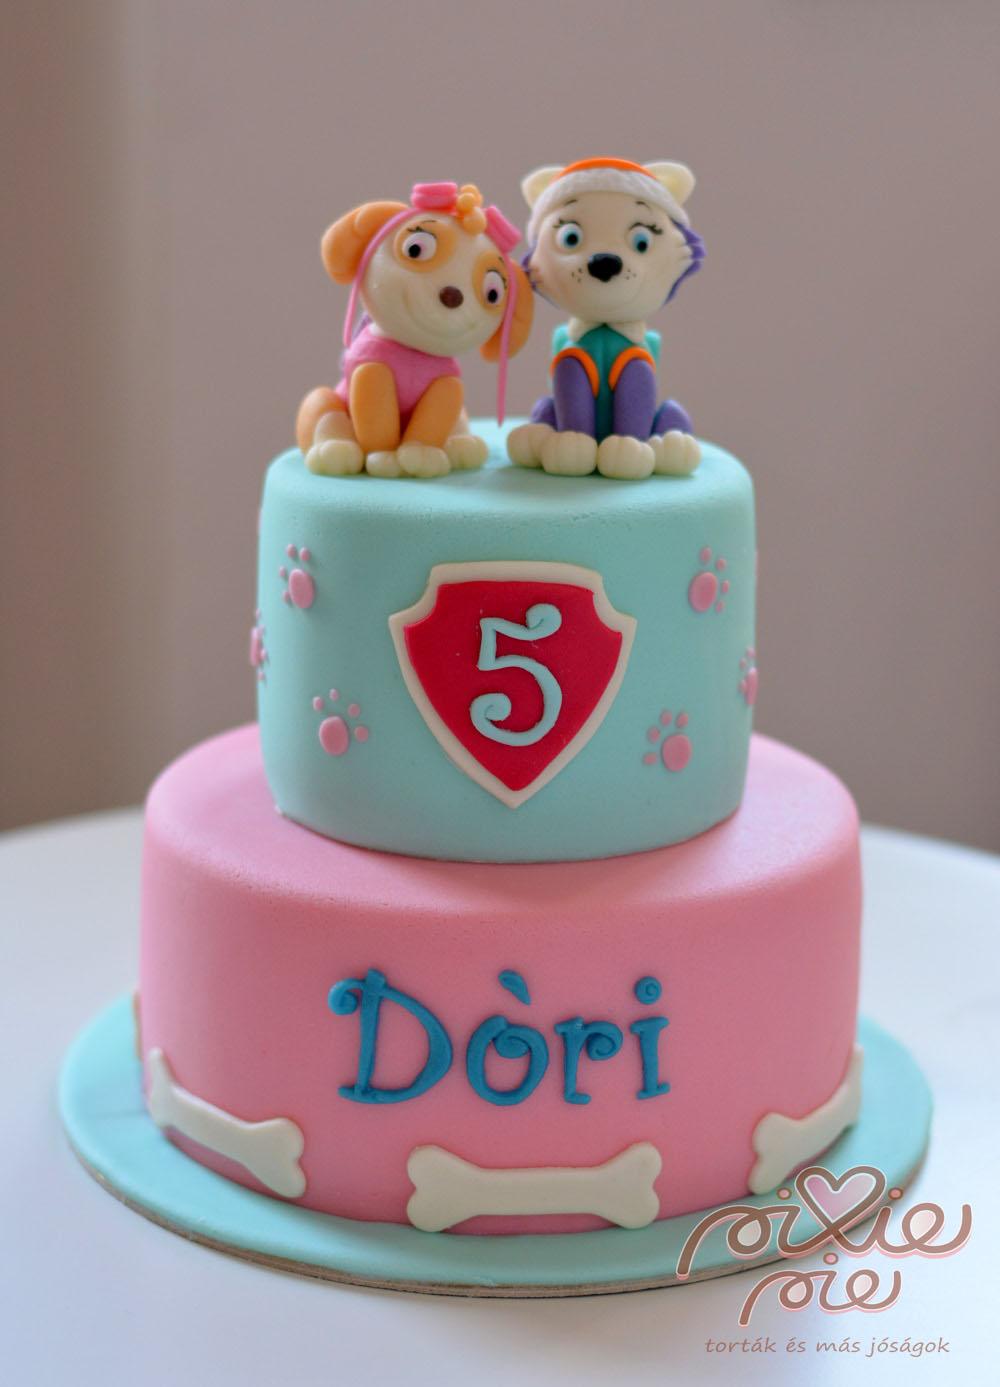 lányos szülinapi torták képek Lányos mancs torta   PixiePie torta lányos szülinapi torták képek